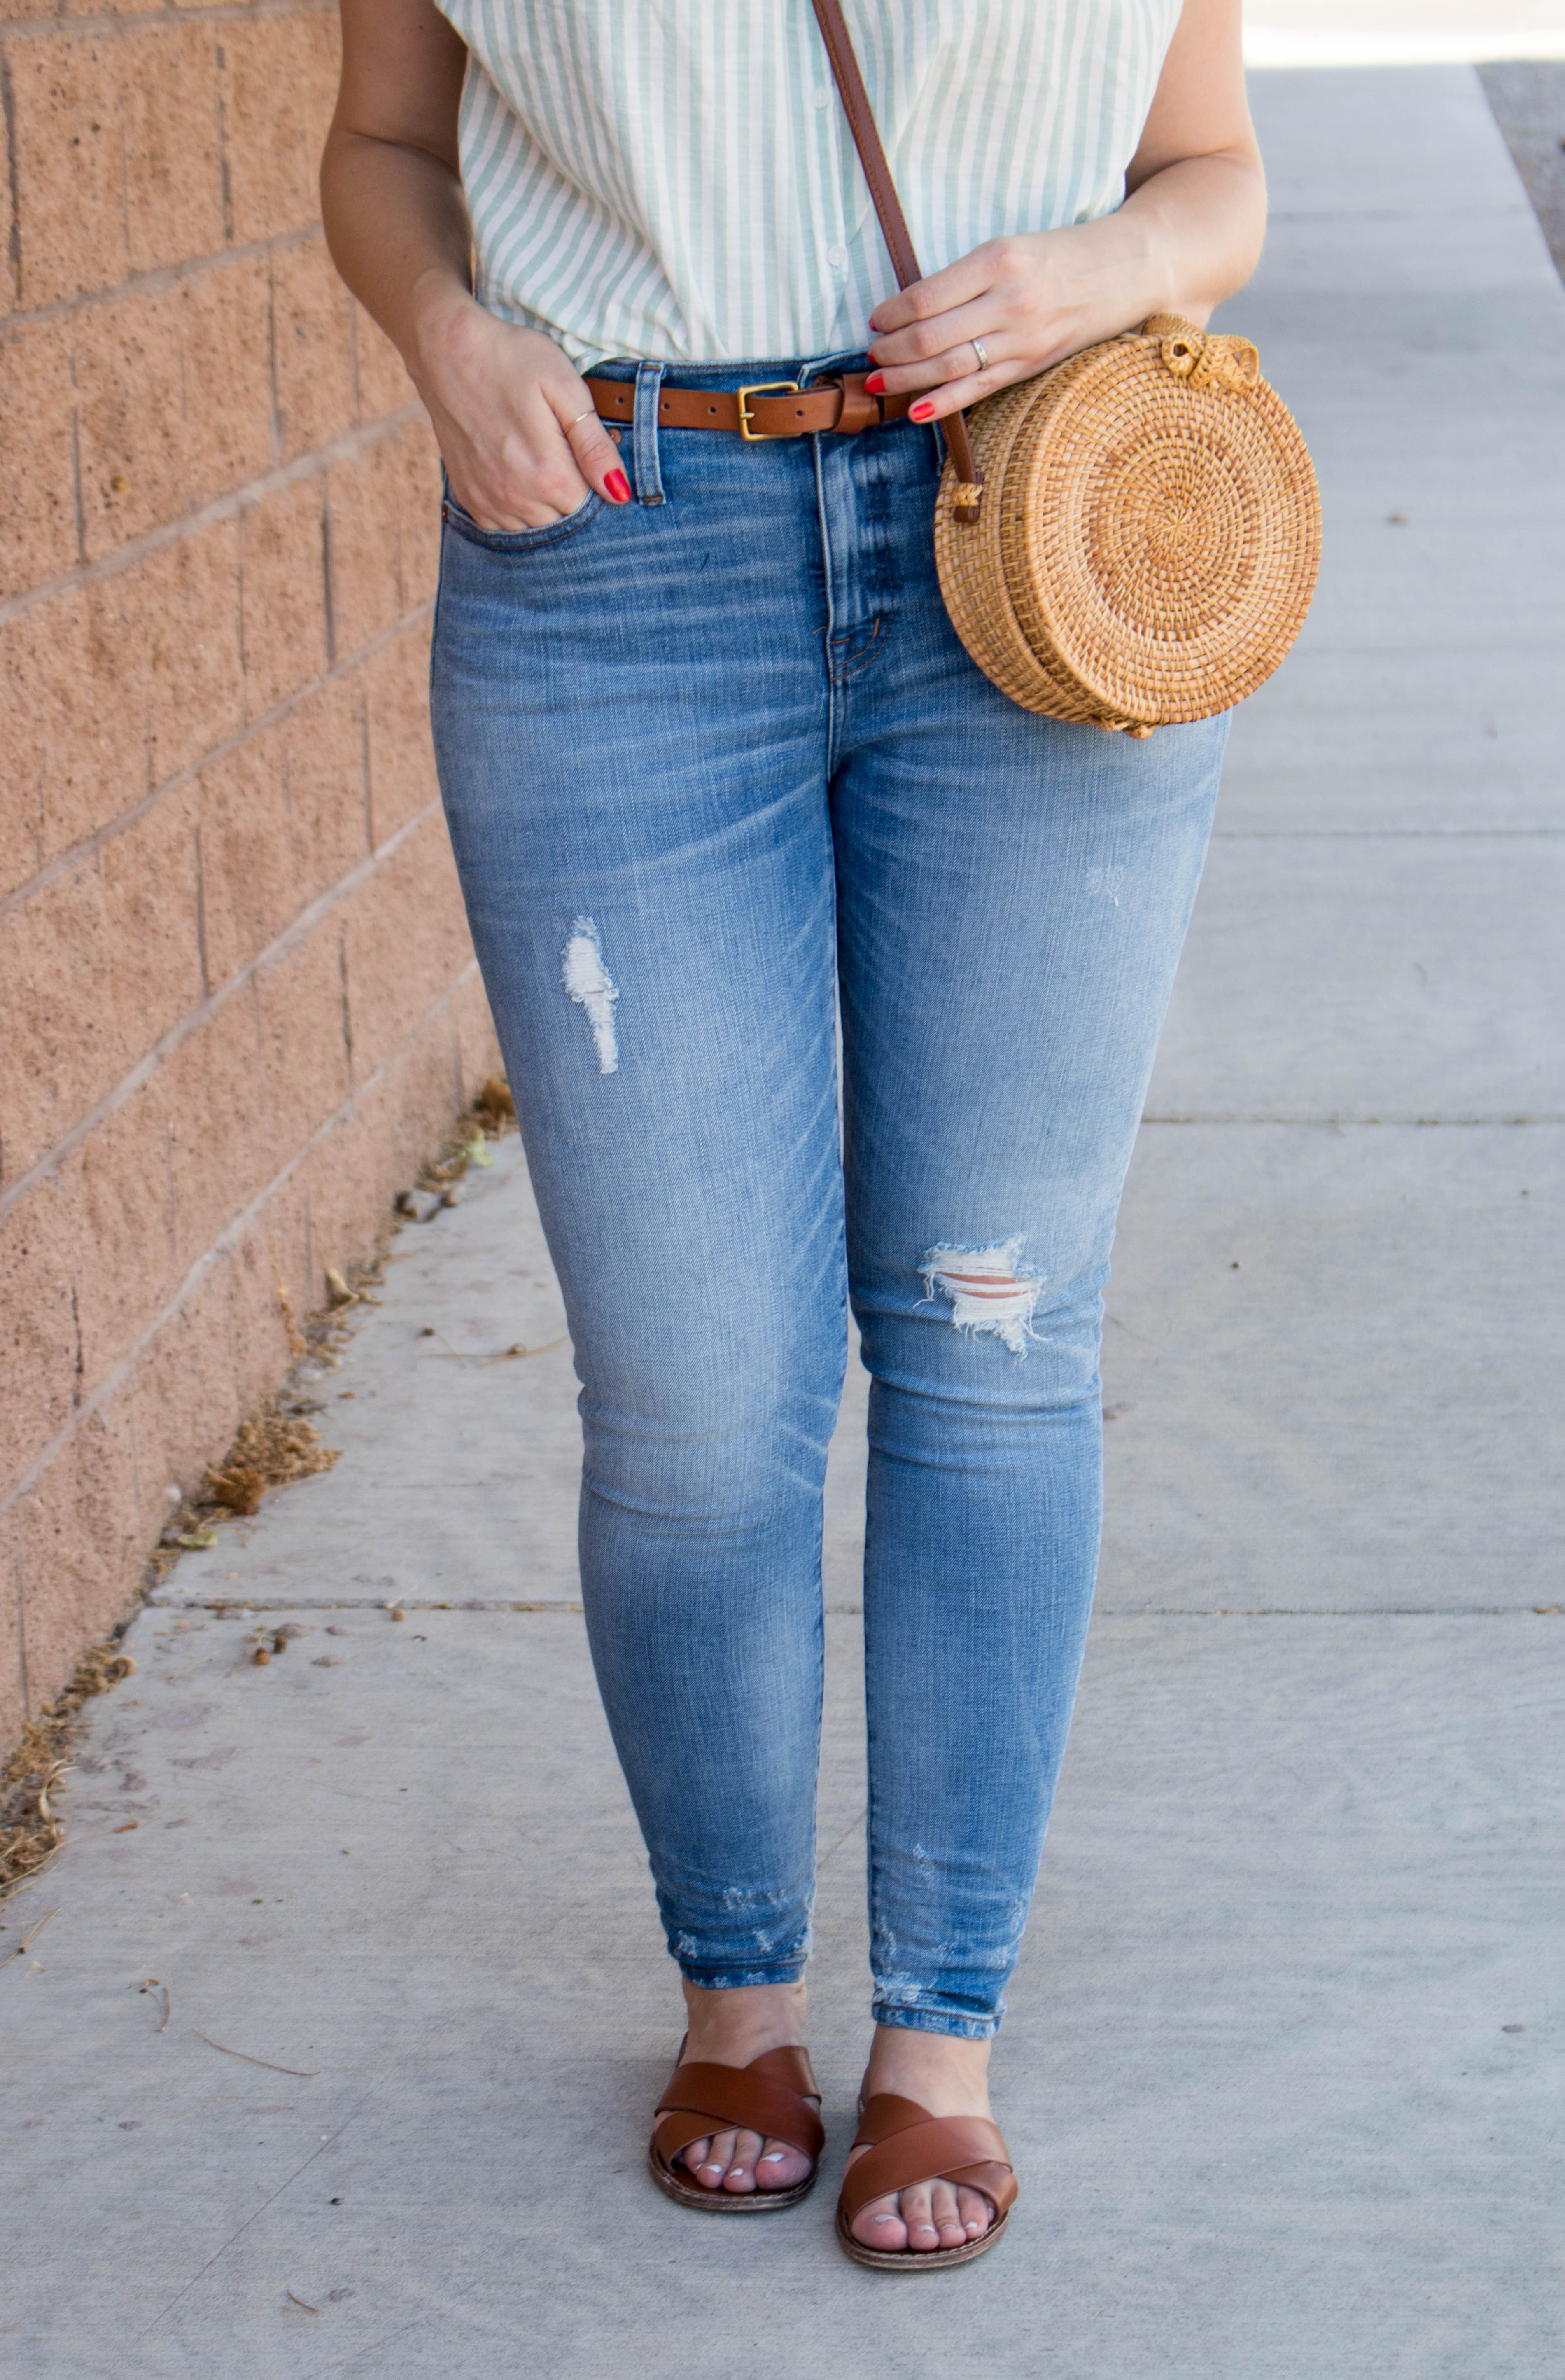 madewell high rise skinny jeans #madewelljeans #madewell #denim #skinnyjeans